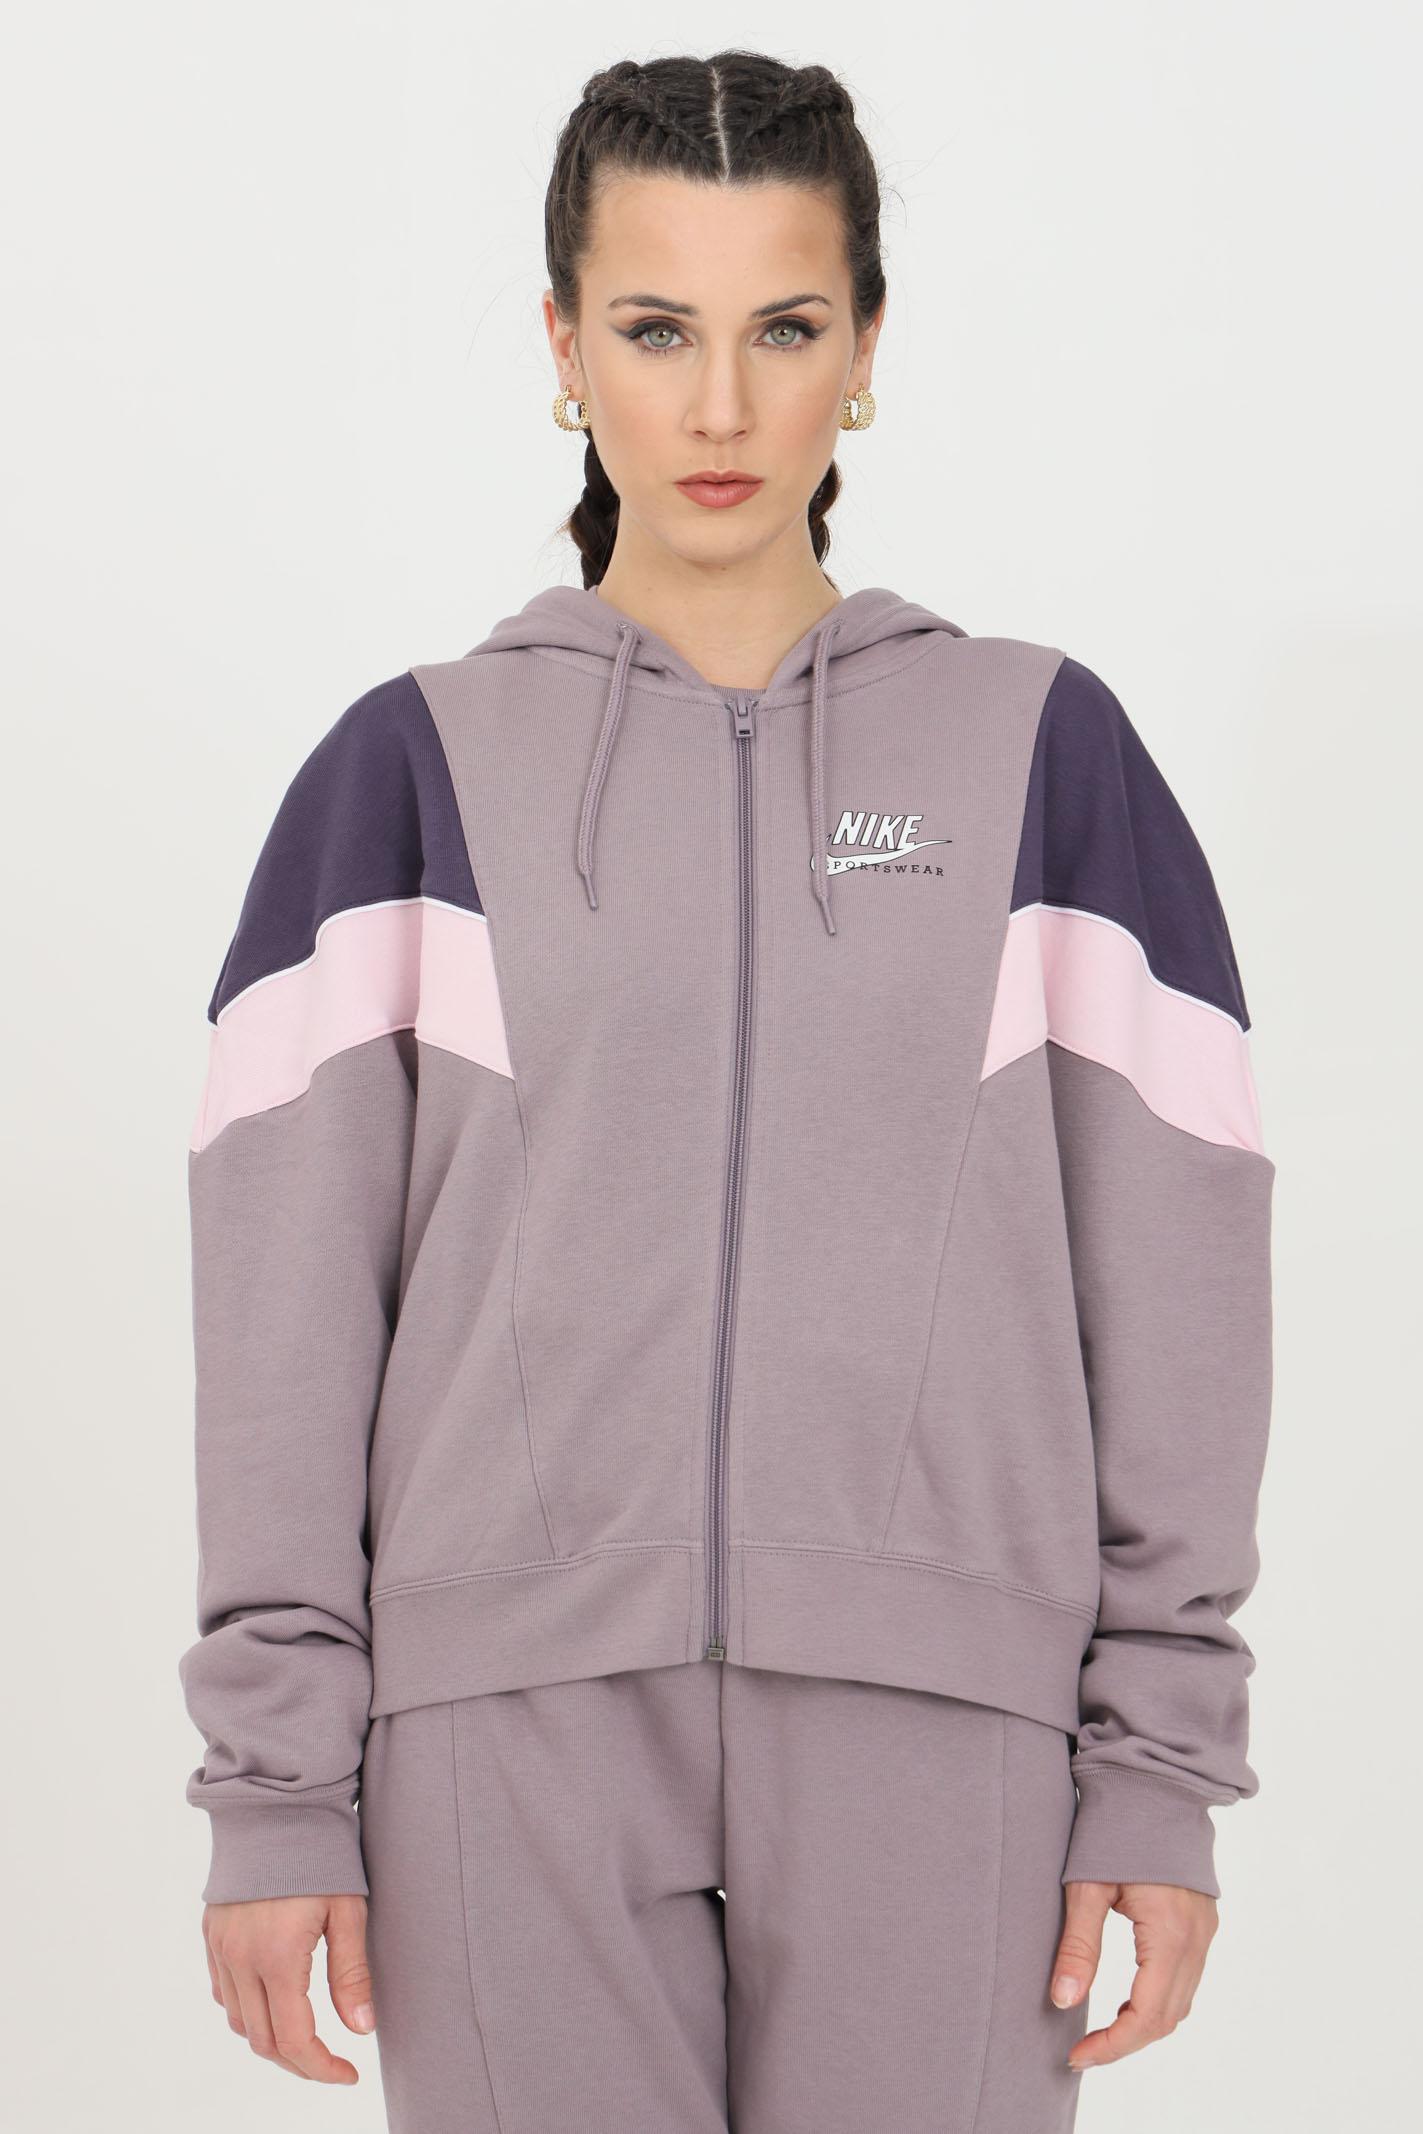 Heritage sweatshirt with full-length zip and hood NIKE | Sweatshirt | CZ8600531